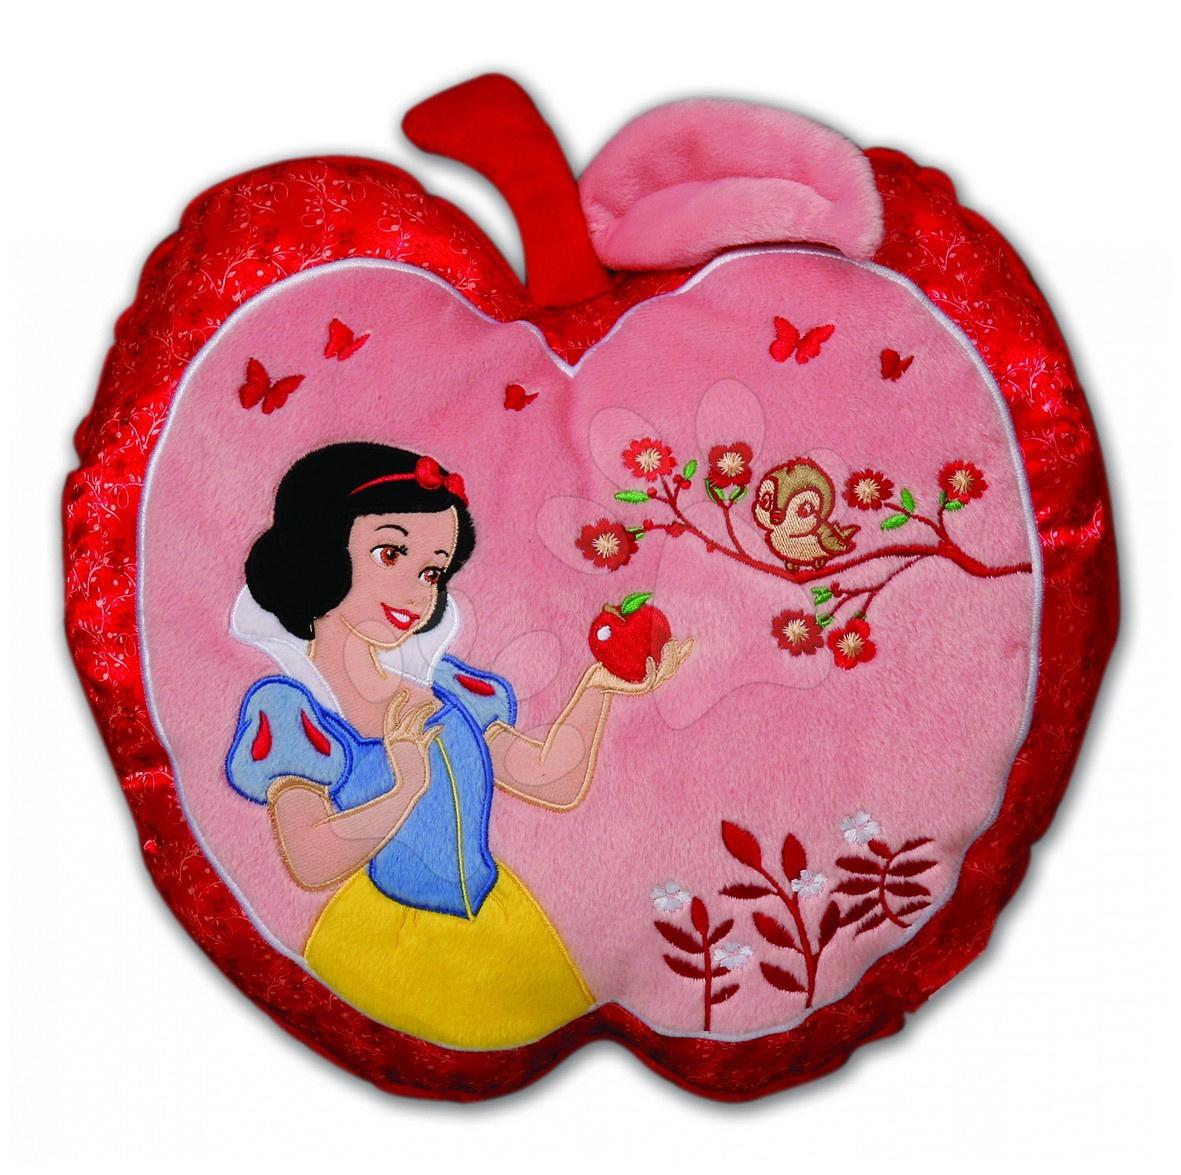 Plyšové polštáře - Polštář WD Princezny Sněhurka Ilanit jablíčko 36 cm